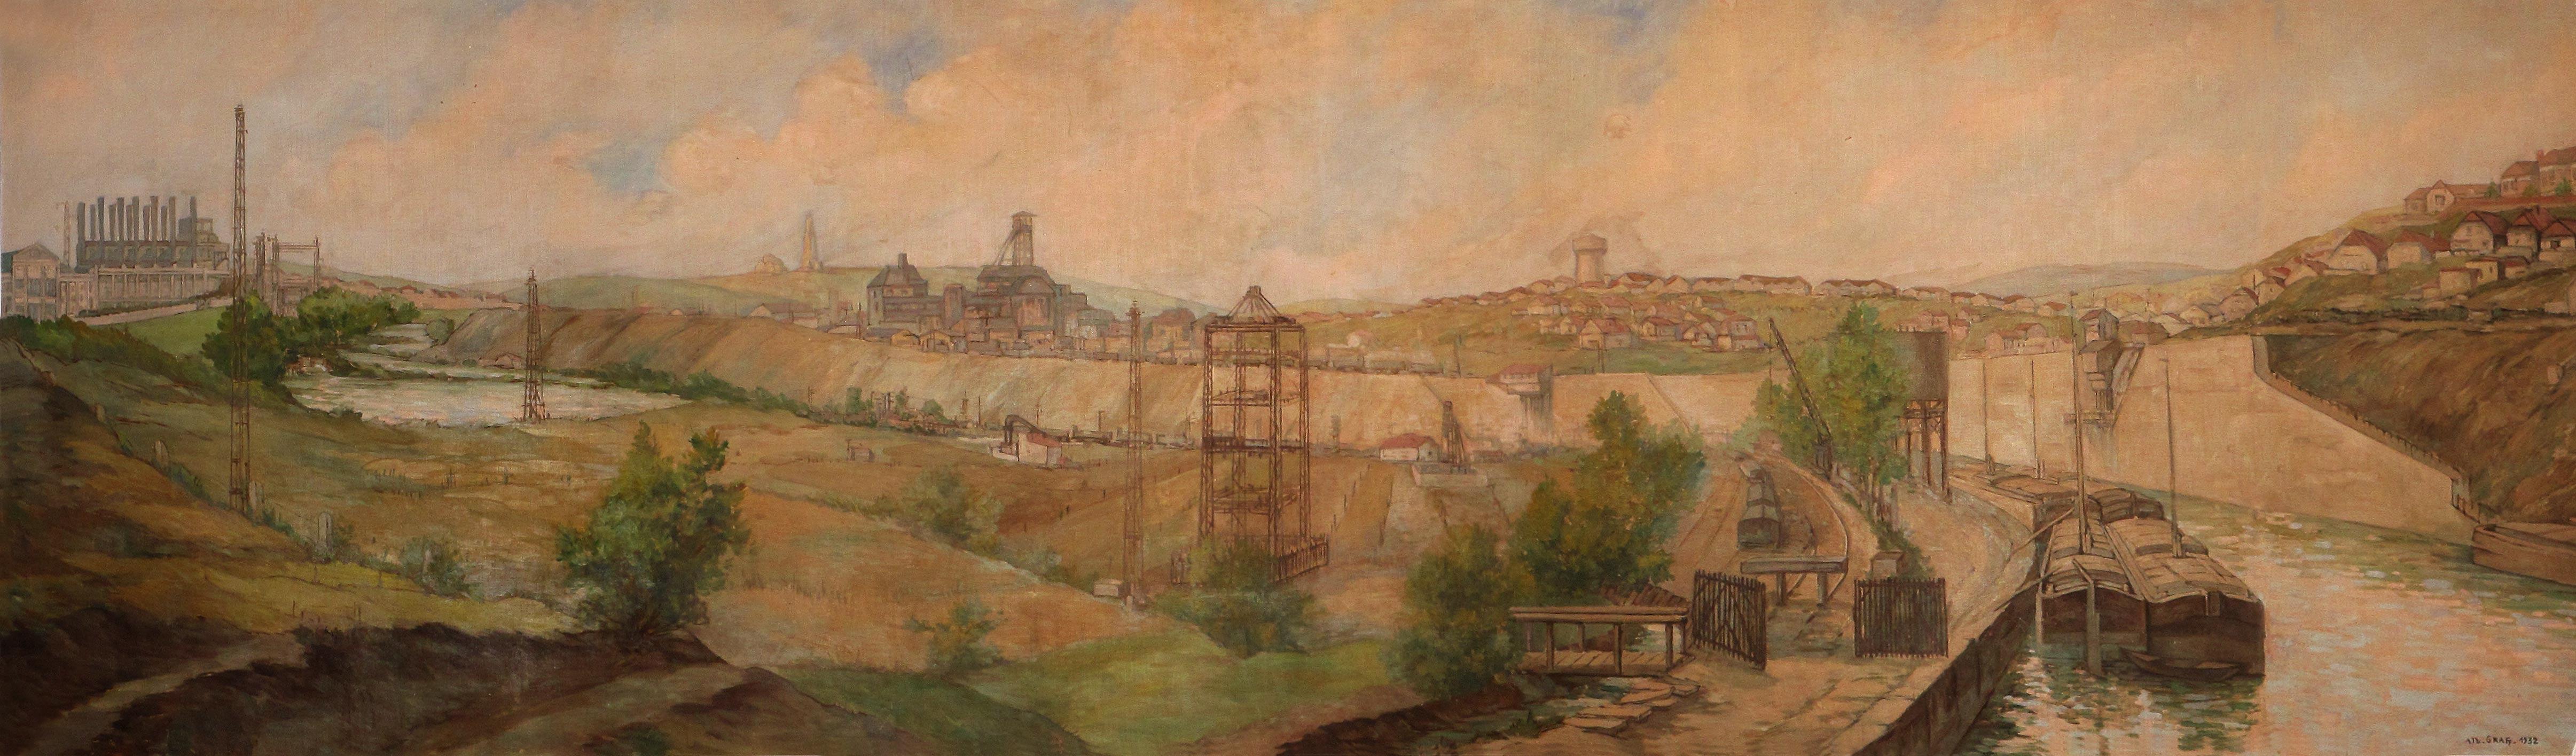 Fresque de 1932 signée Albert Graf